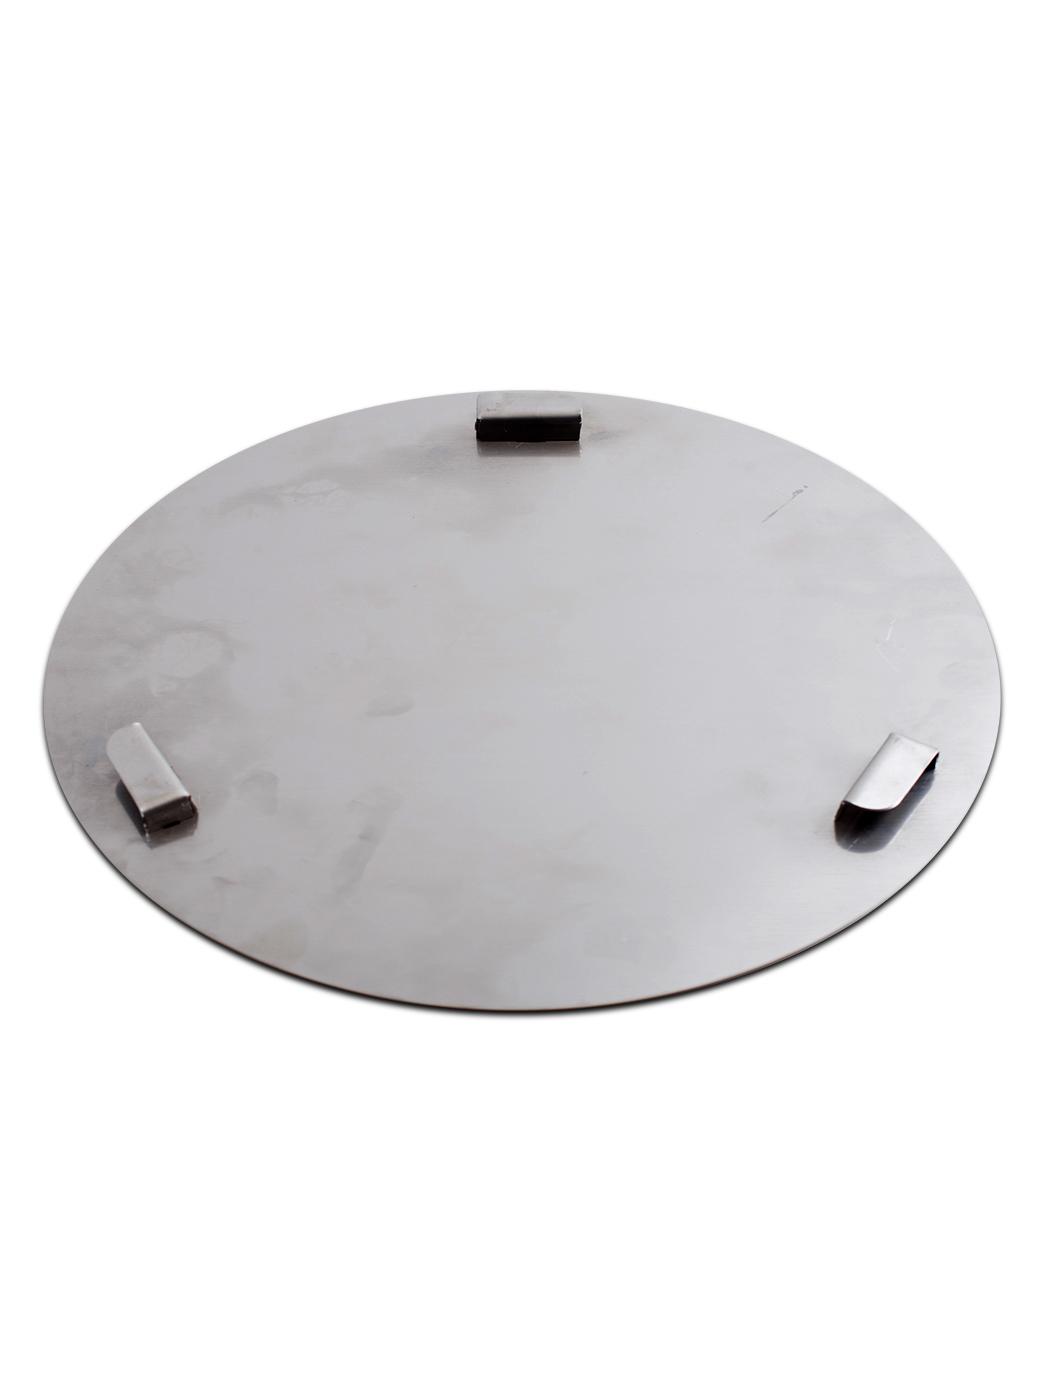 Pit Barrel Cooker Attachable Ash Pan